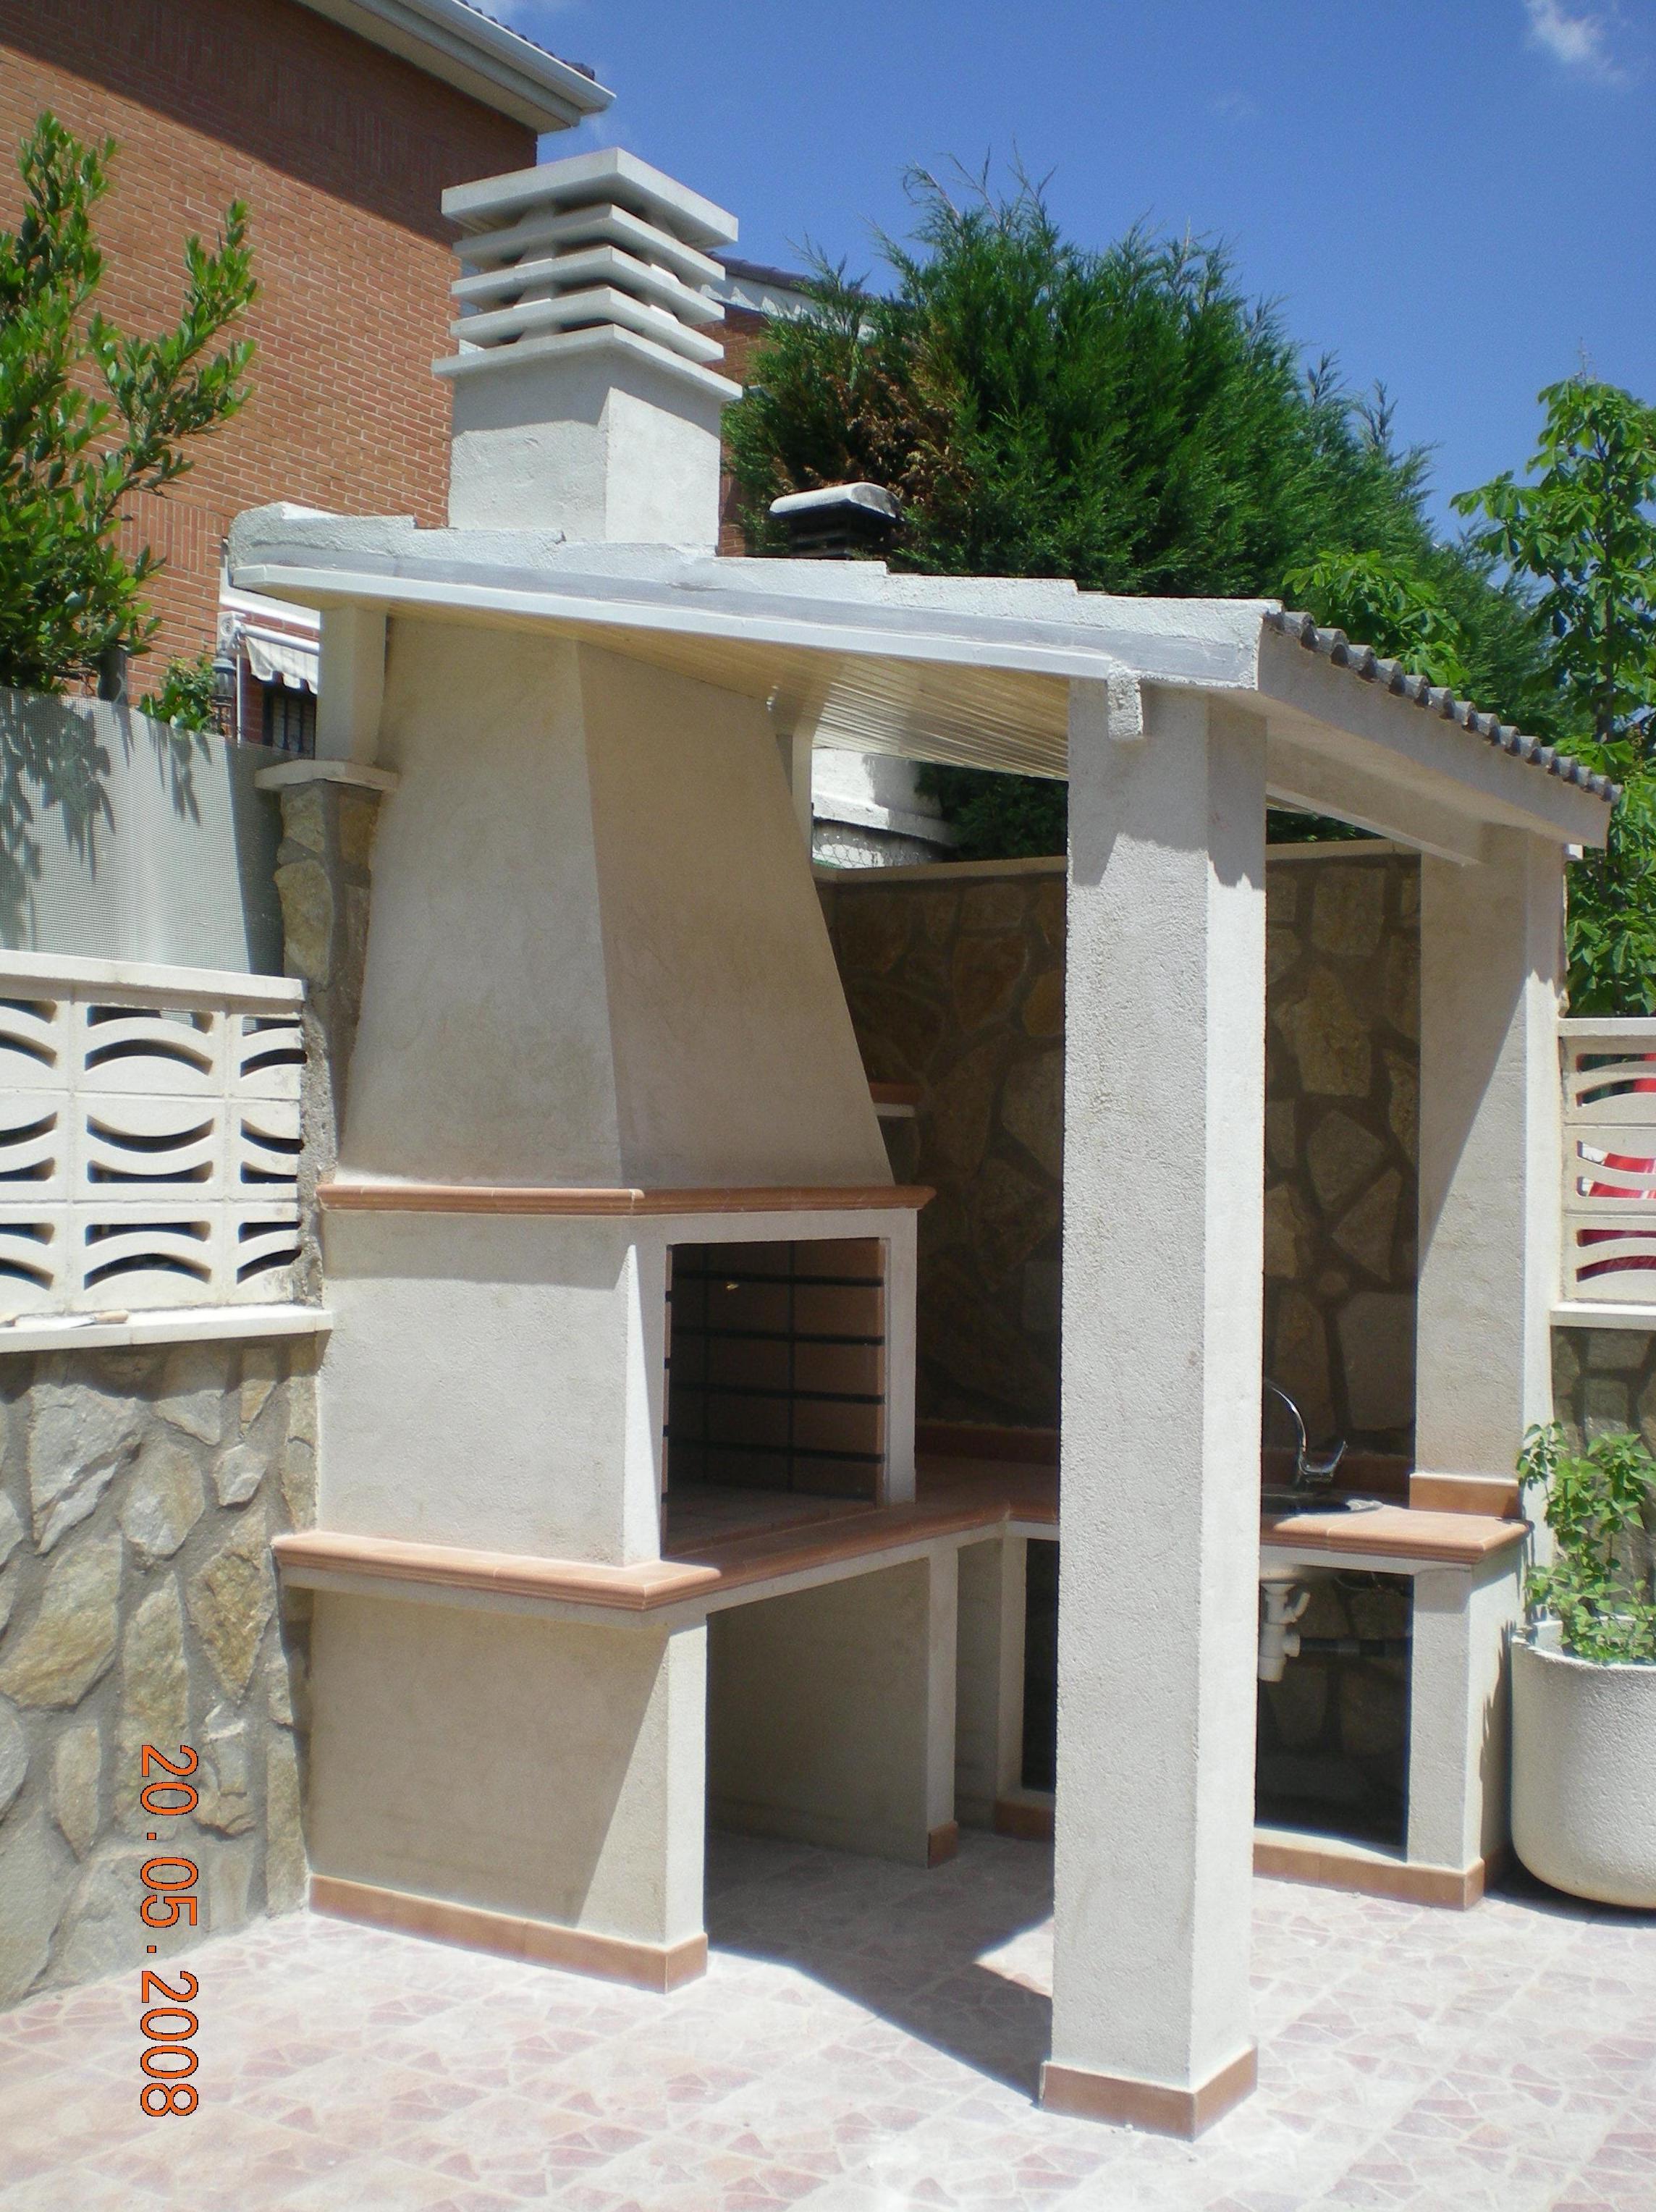 Barbacoas techadas trendy beautiful cheap barbacoas y - Barbacoas exteriores de obra ...